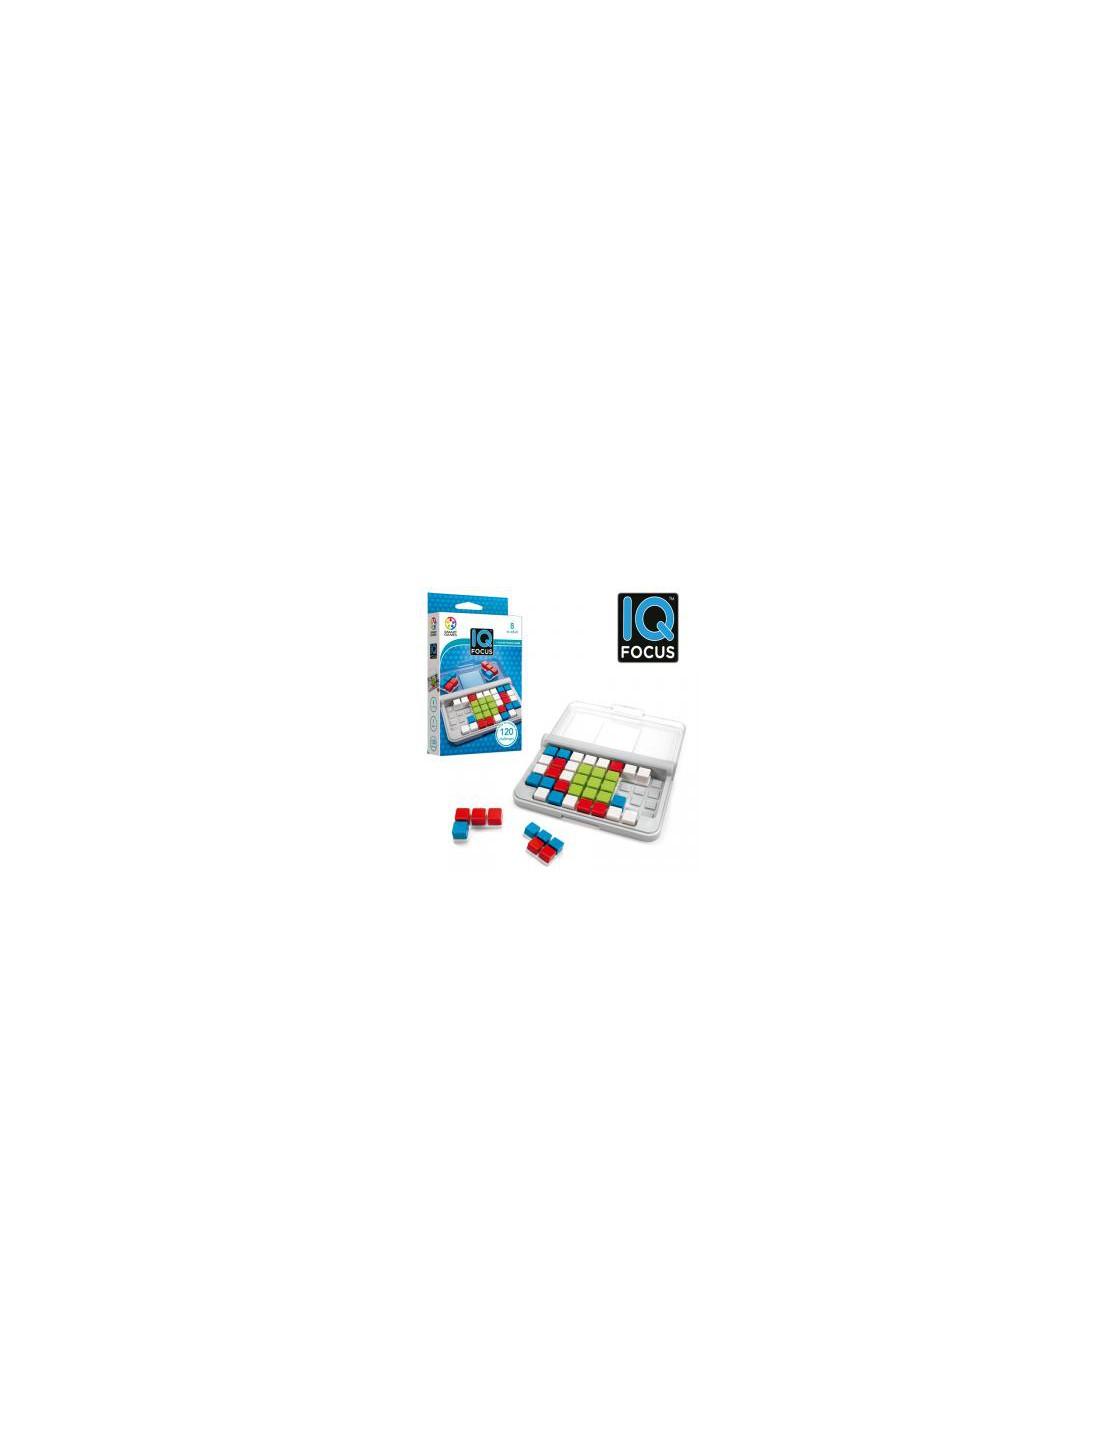 IQ Focus. Smart Games